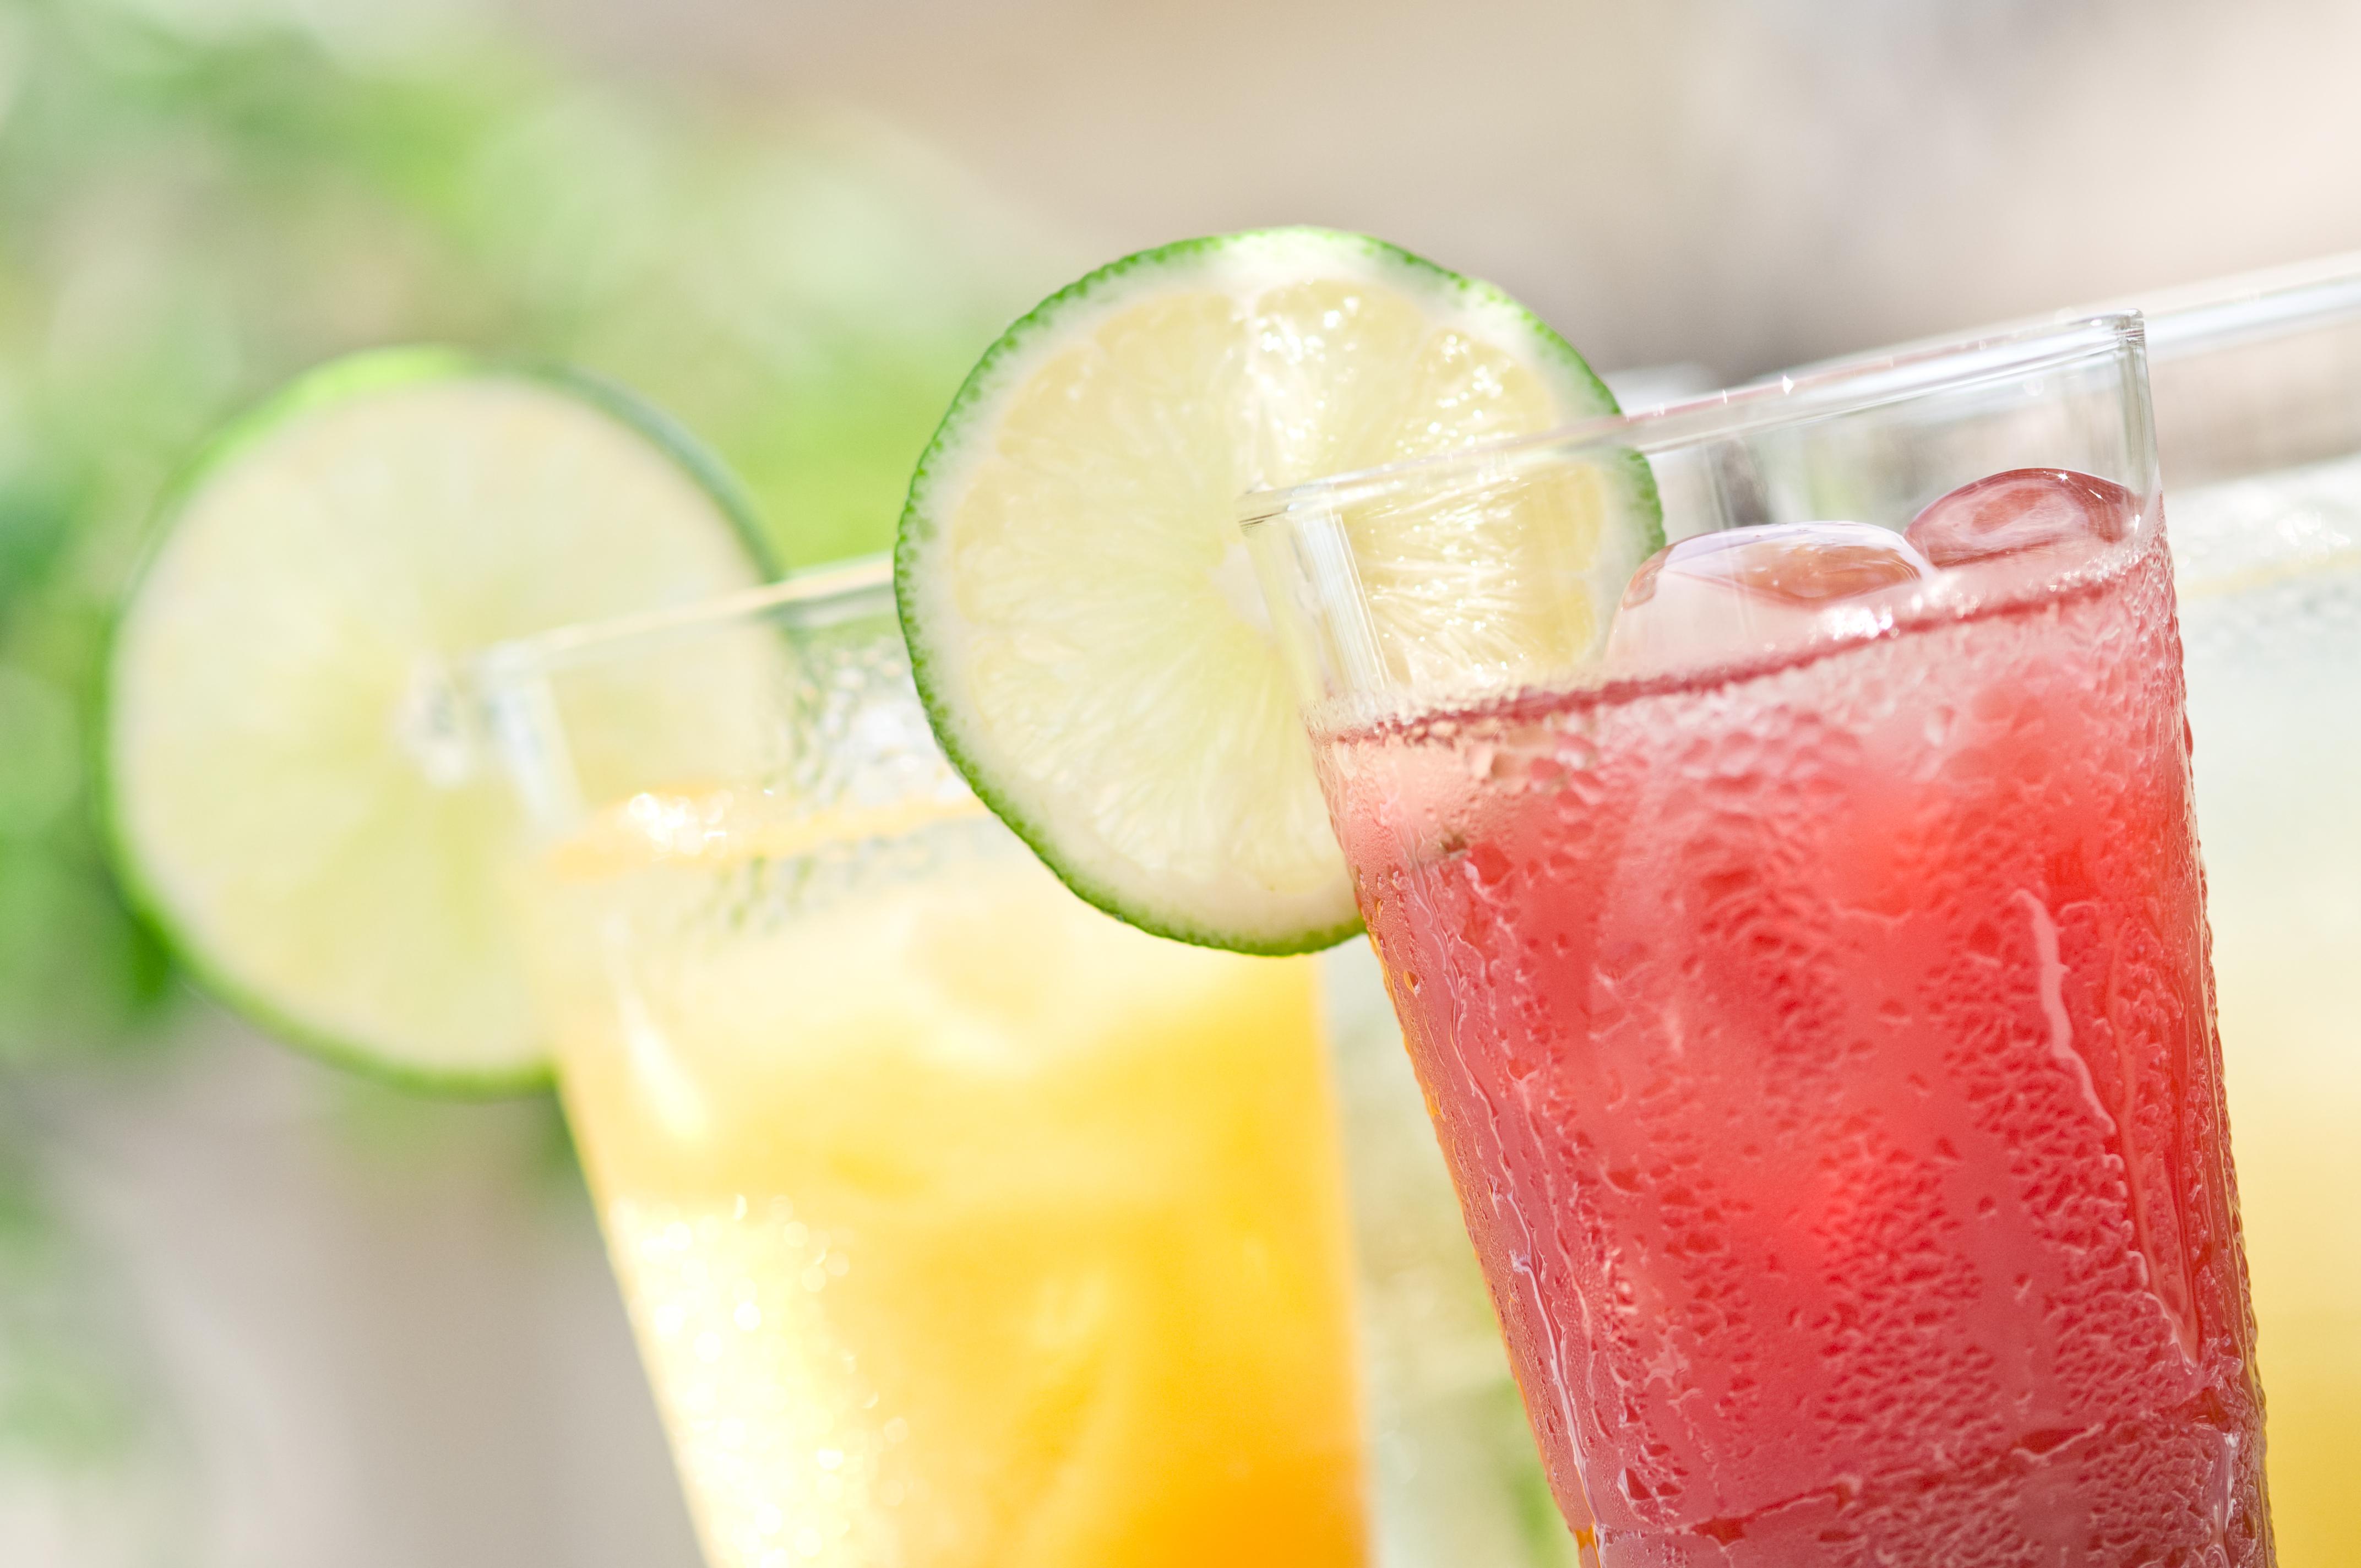 Zitronenlimonade selber machen – Frisch & gesund! – GIGA